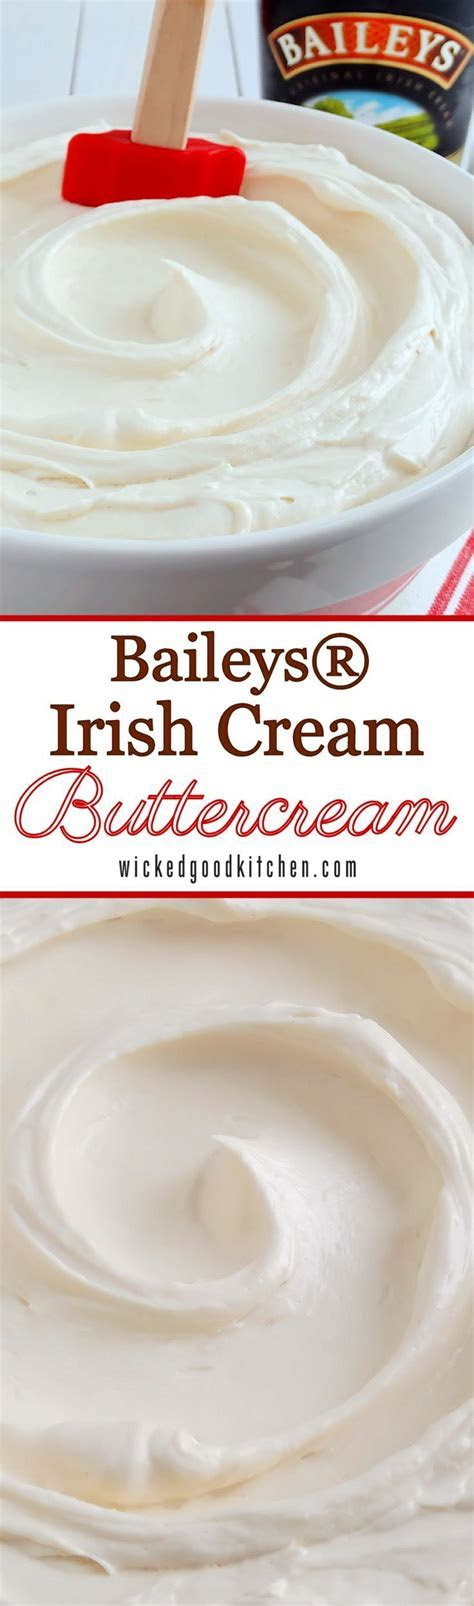 17 Best ideas about Baileys Irish Cream on Pinterest